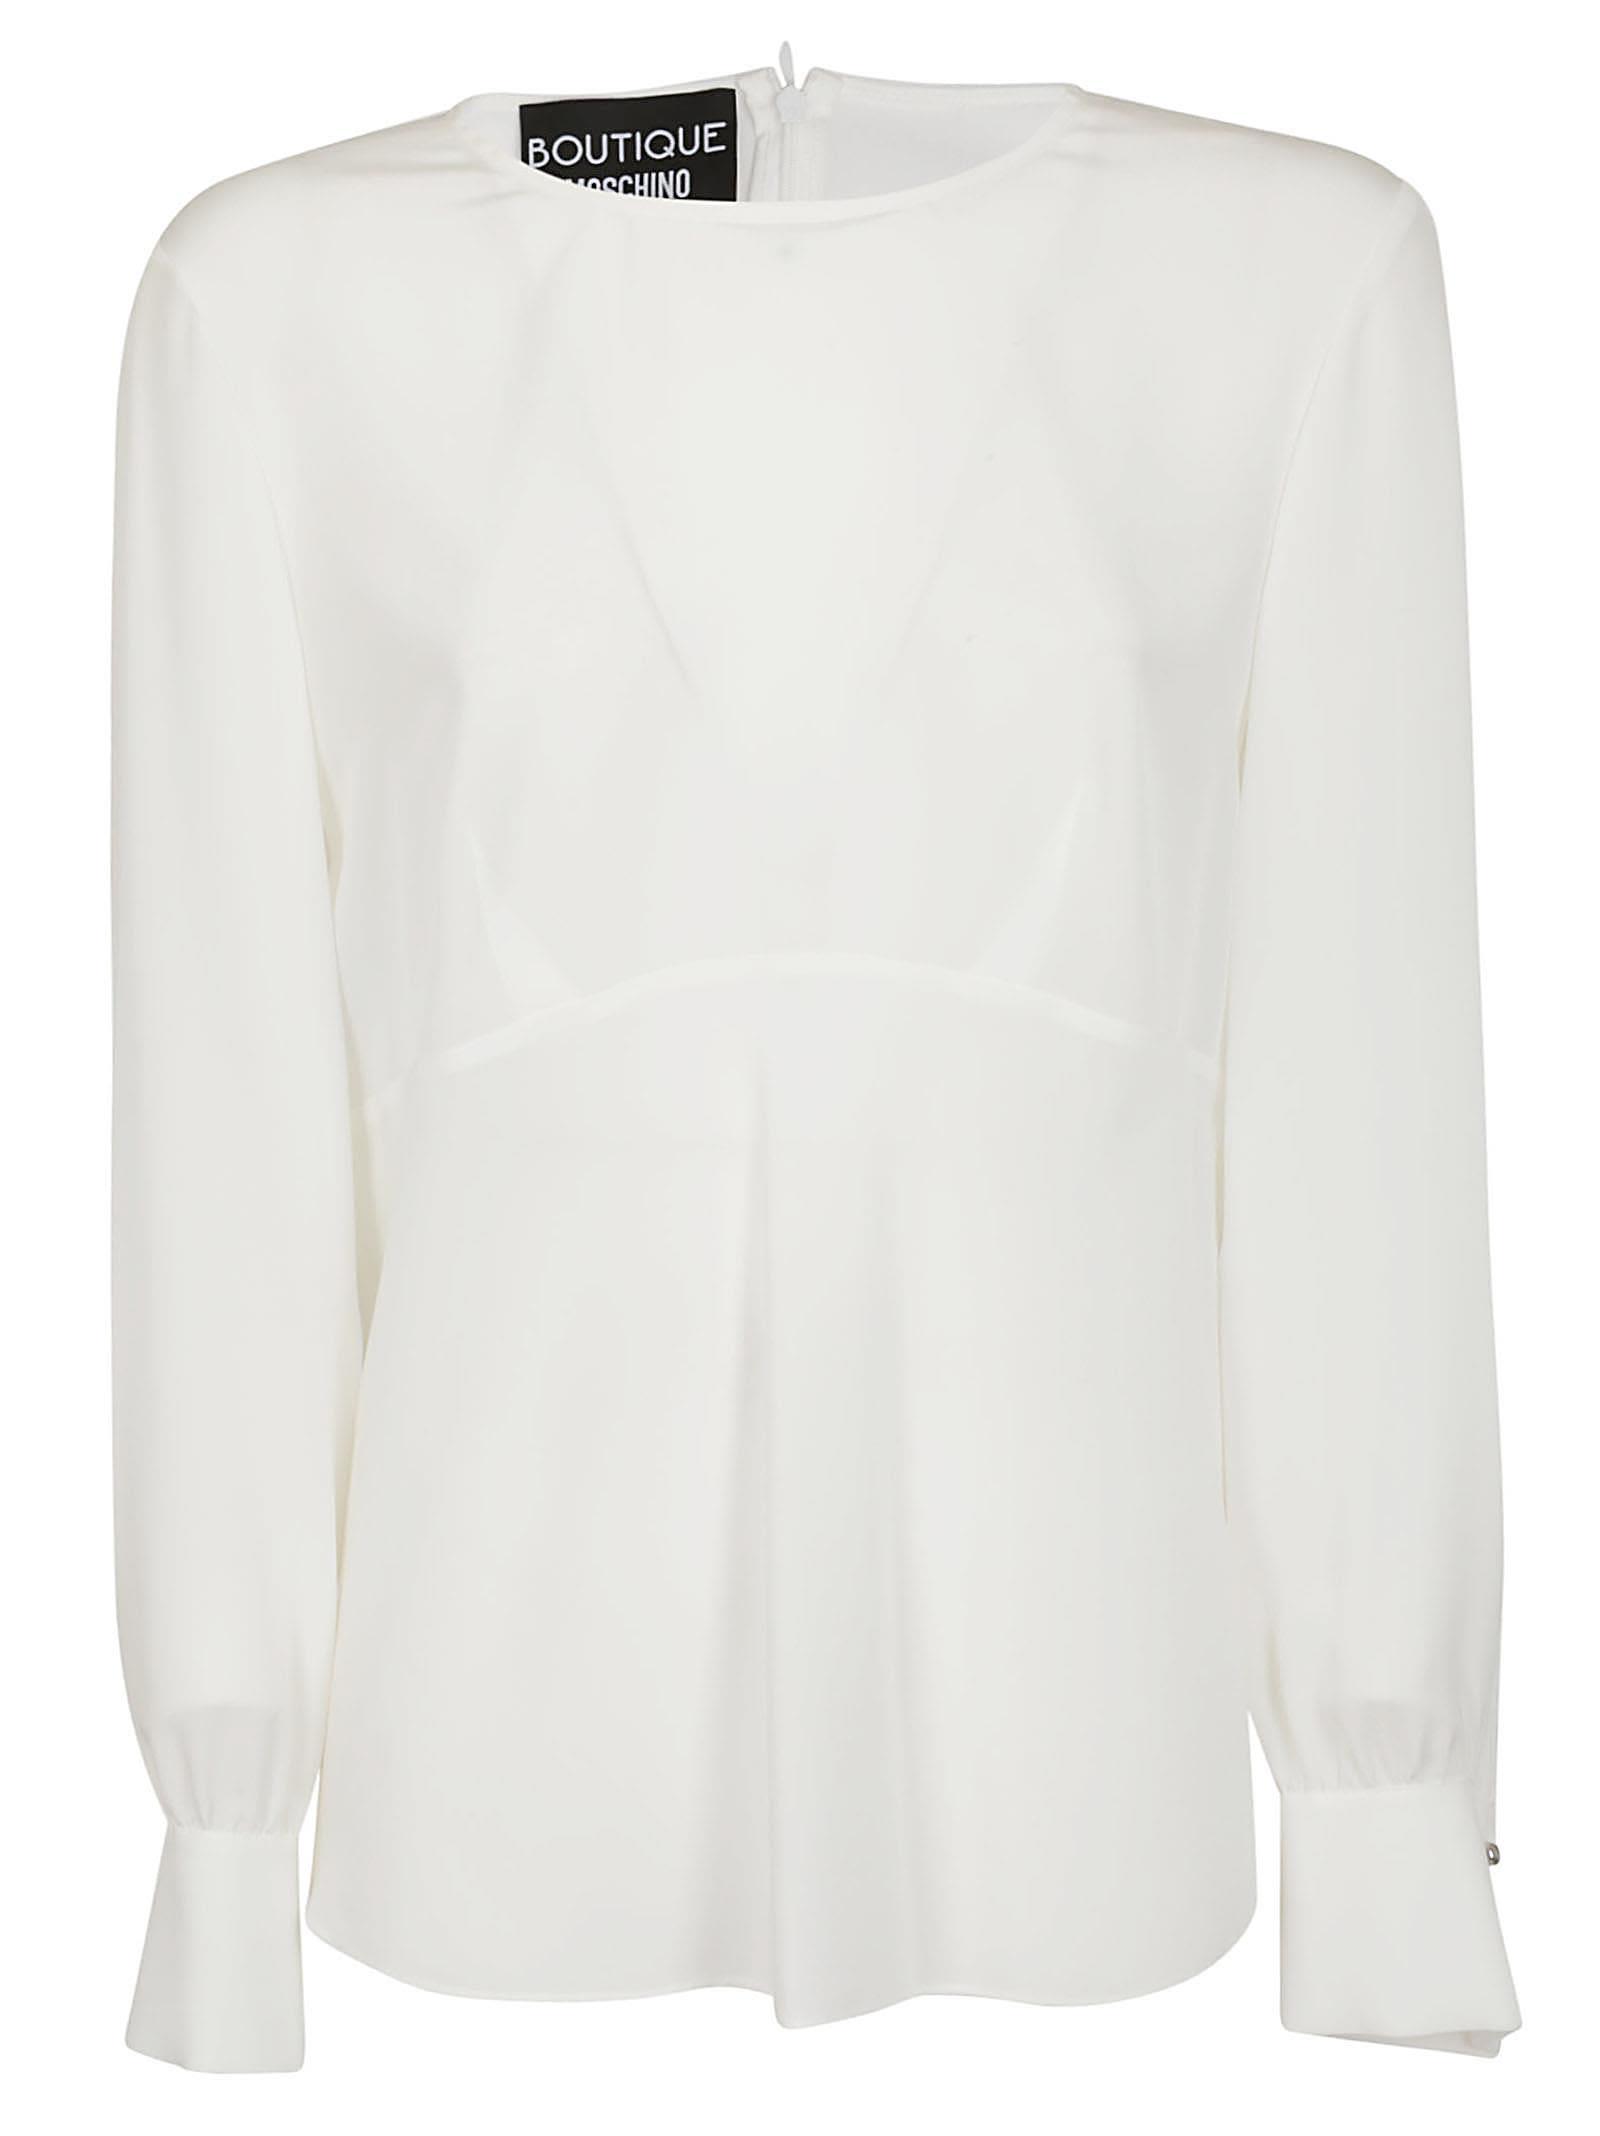 e968bb2fd0168 Boutique Moschino Boutique Moschino Back-zipped Blouse - White ...